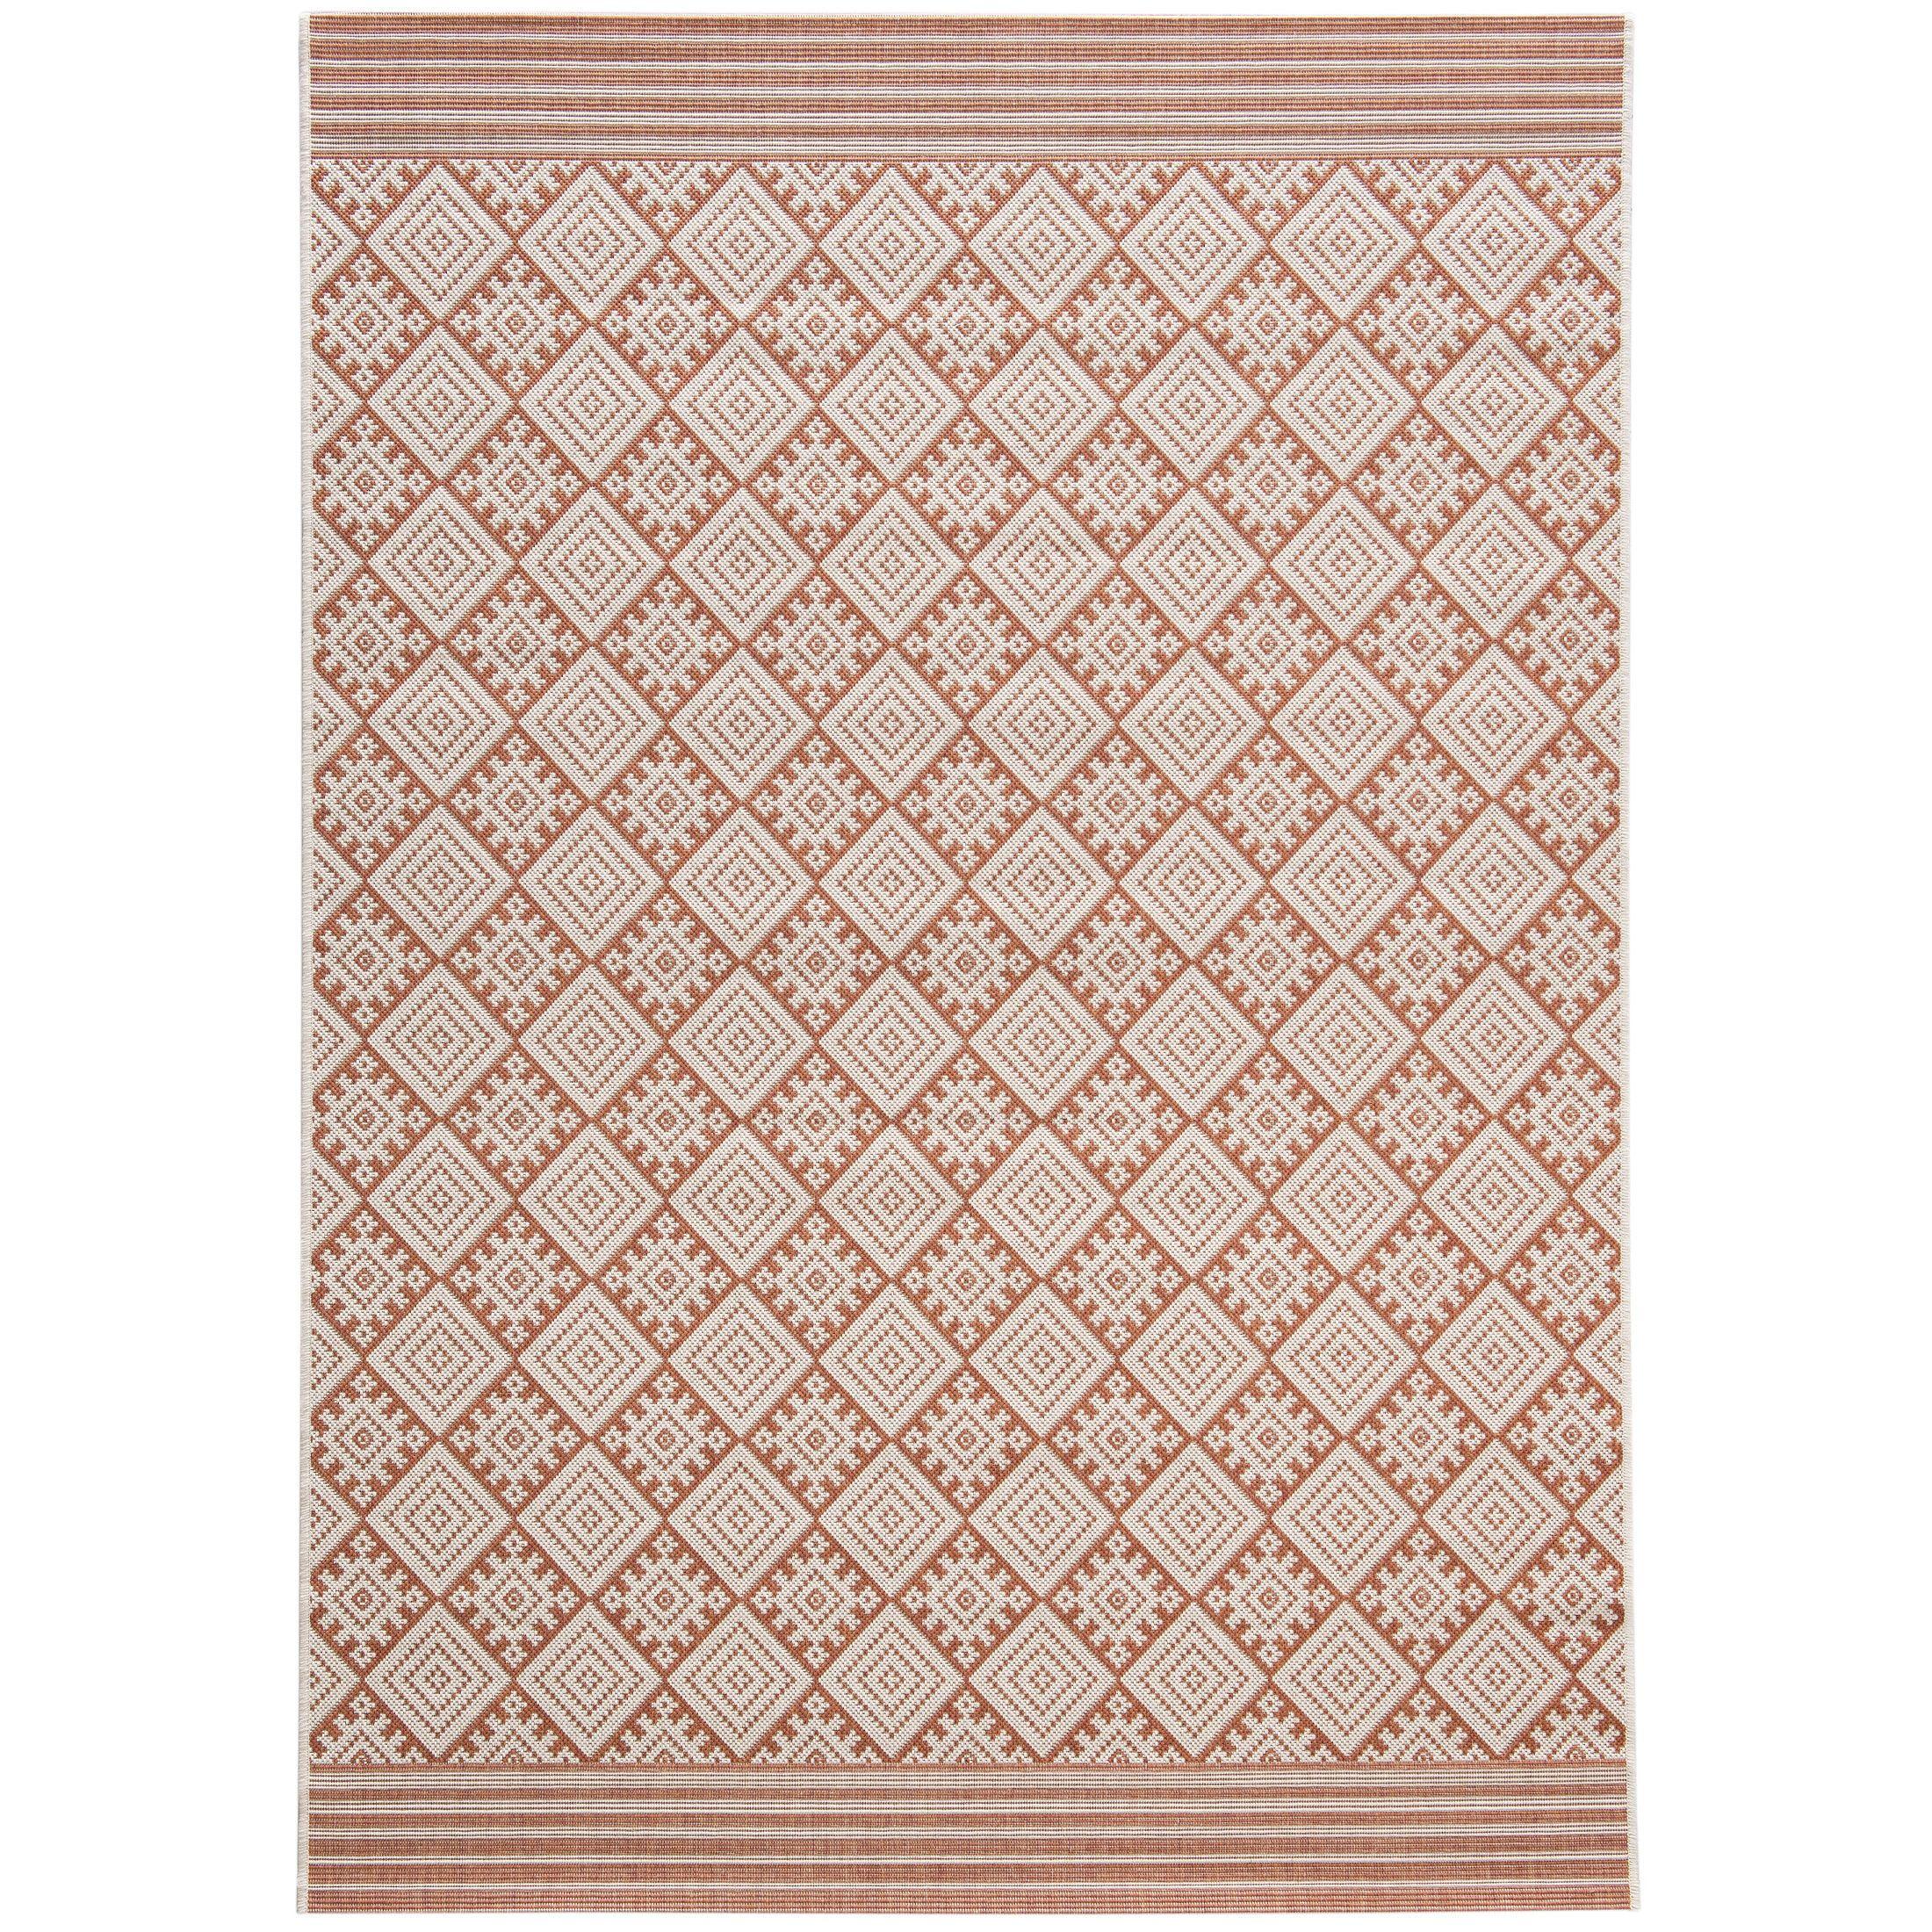 EXETER Designer-Teppiche Kibek   Inspo.   Pinterest   Modern ...